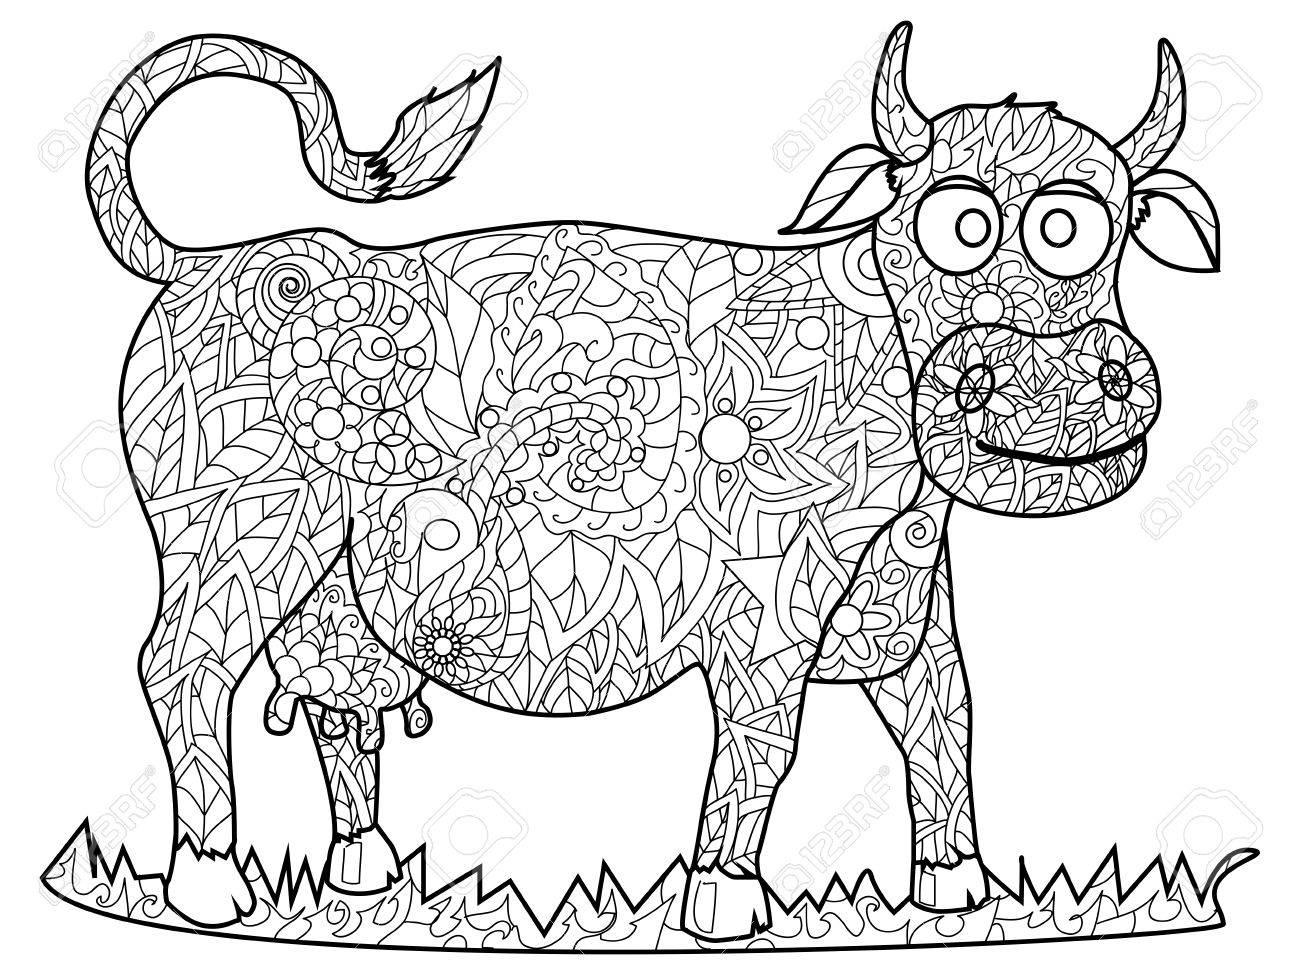 Kuh Färbung Haustier Erwachsenen Vektor-Illustration. Lizenzfrei